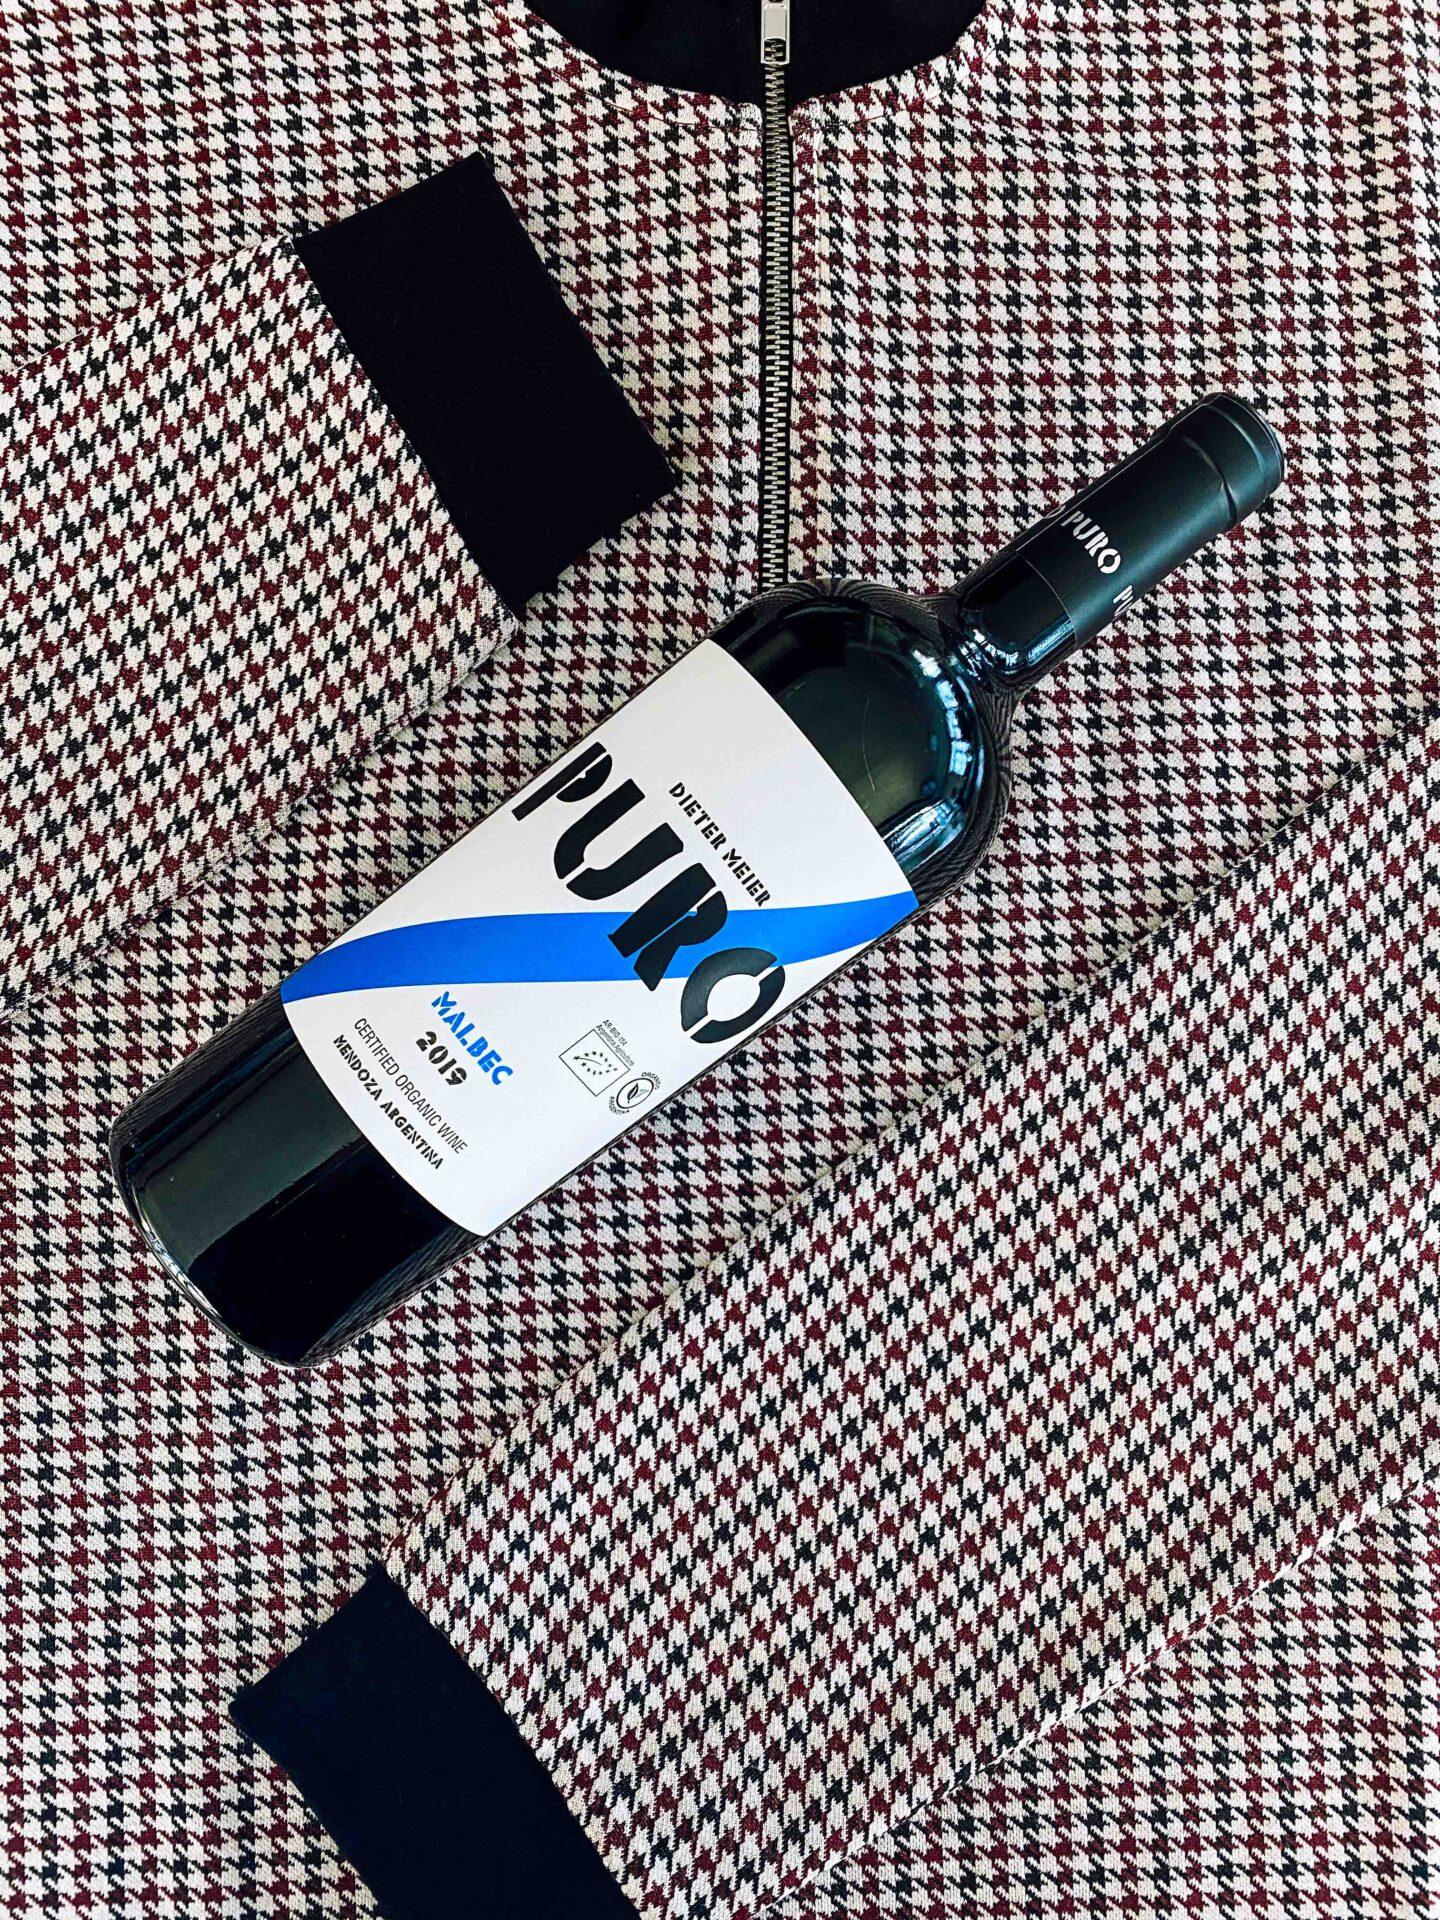 dieter meier puro malbec 2019 gentlemens journey Wein-Geheimtipps